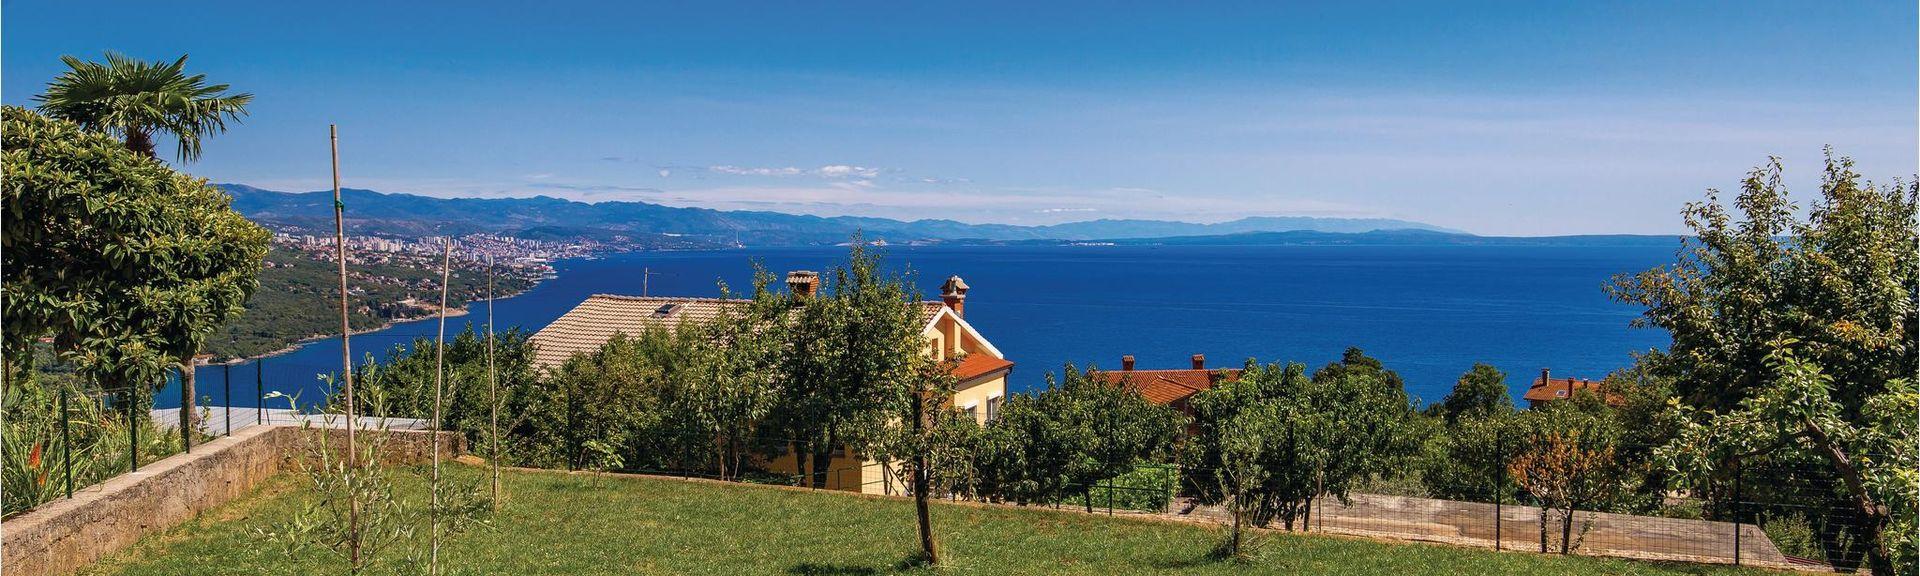 Opatija Riviera, Istria, Croatia